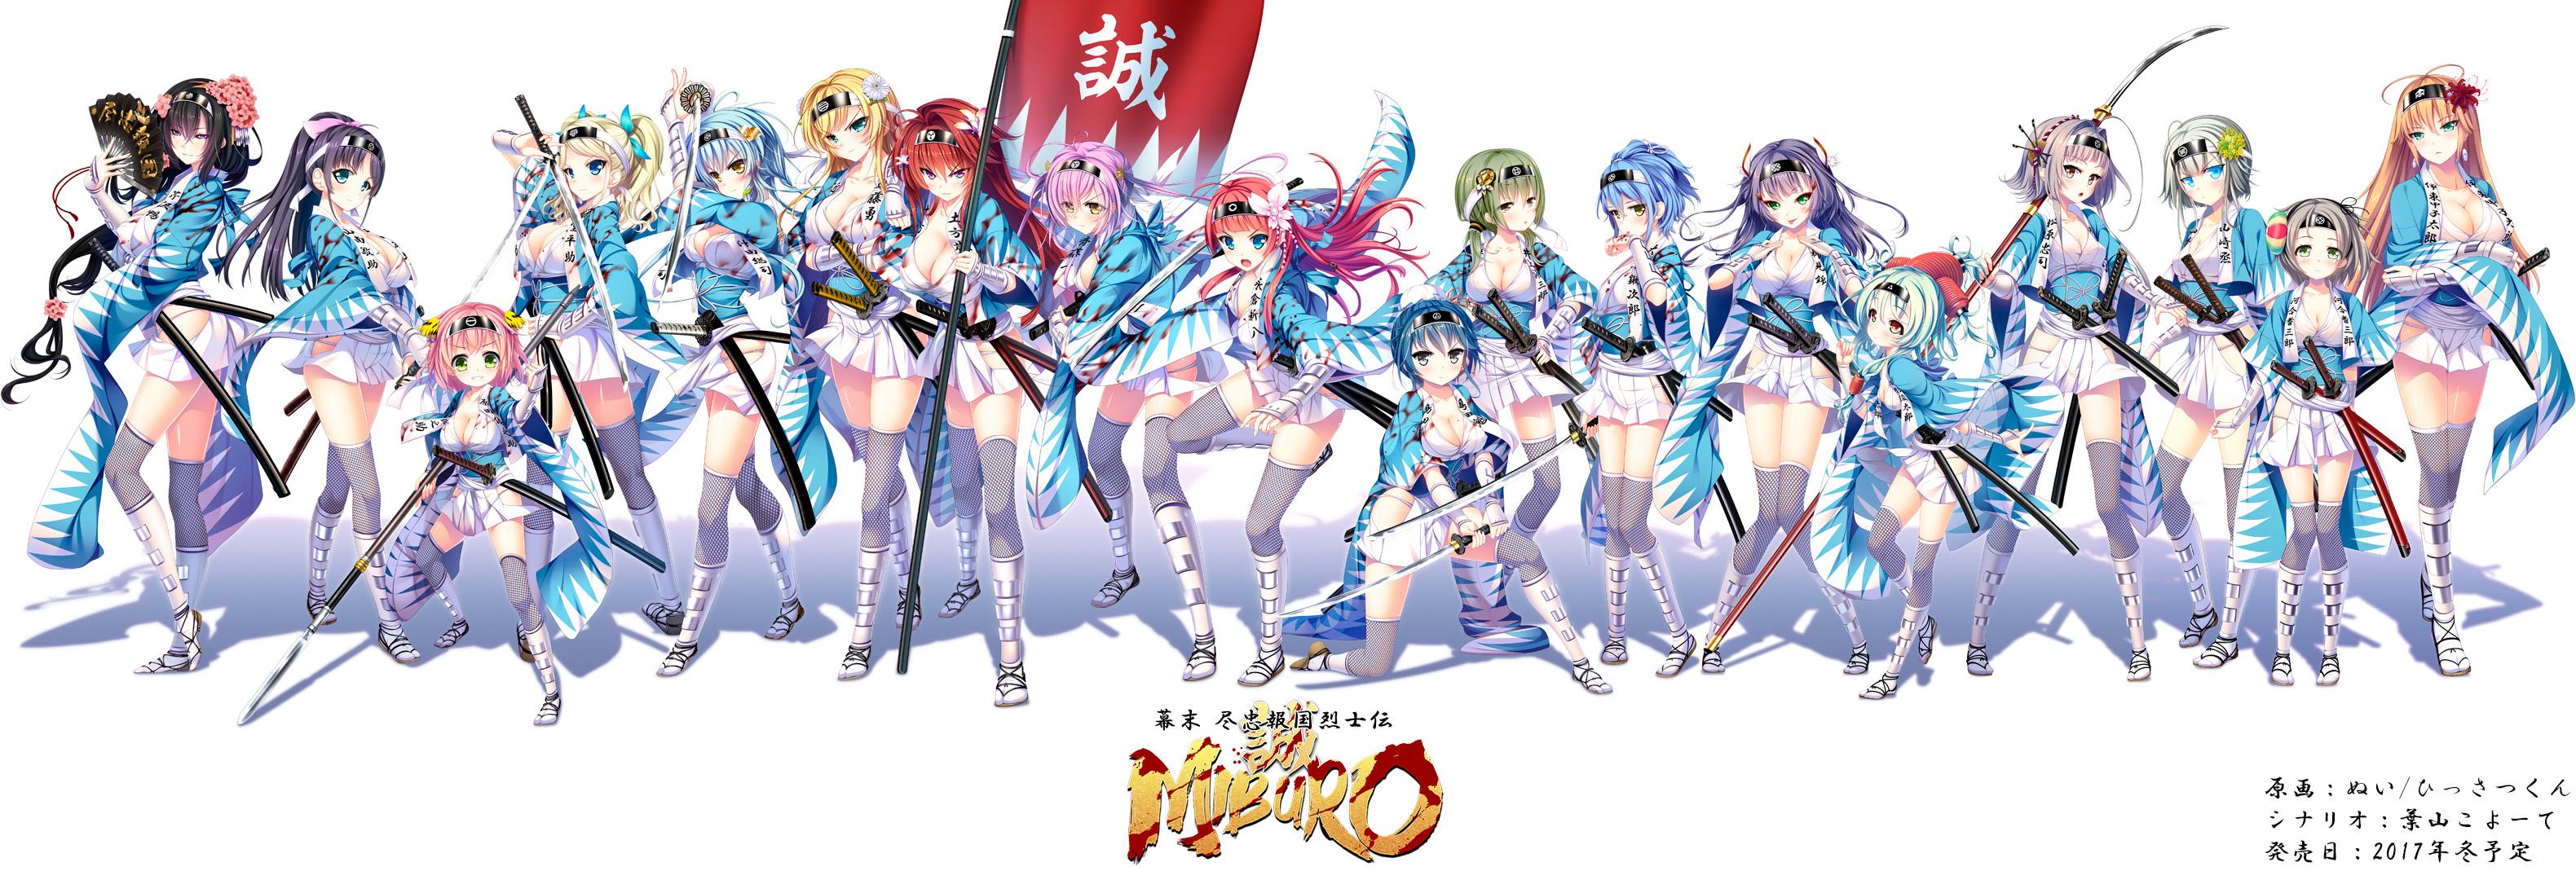 MIBURO_01.jpg